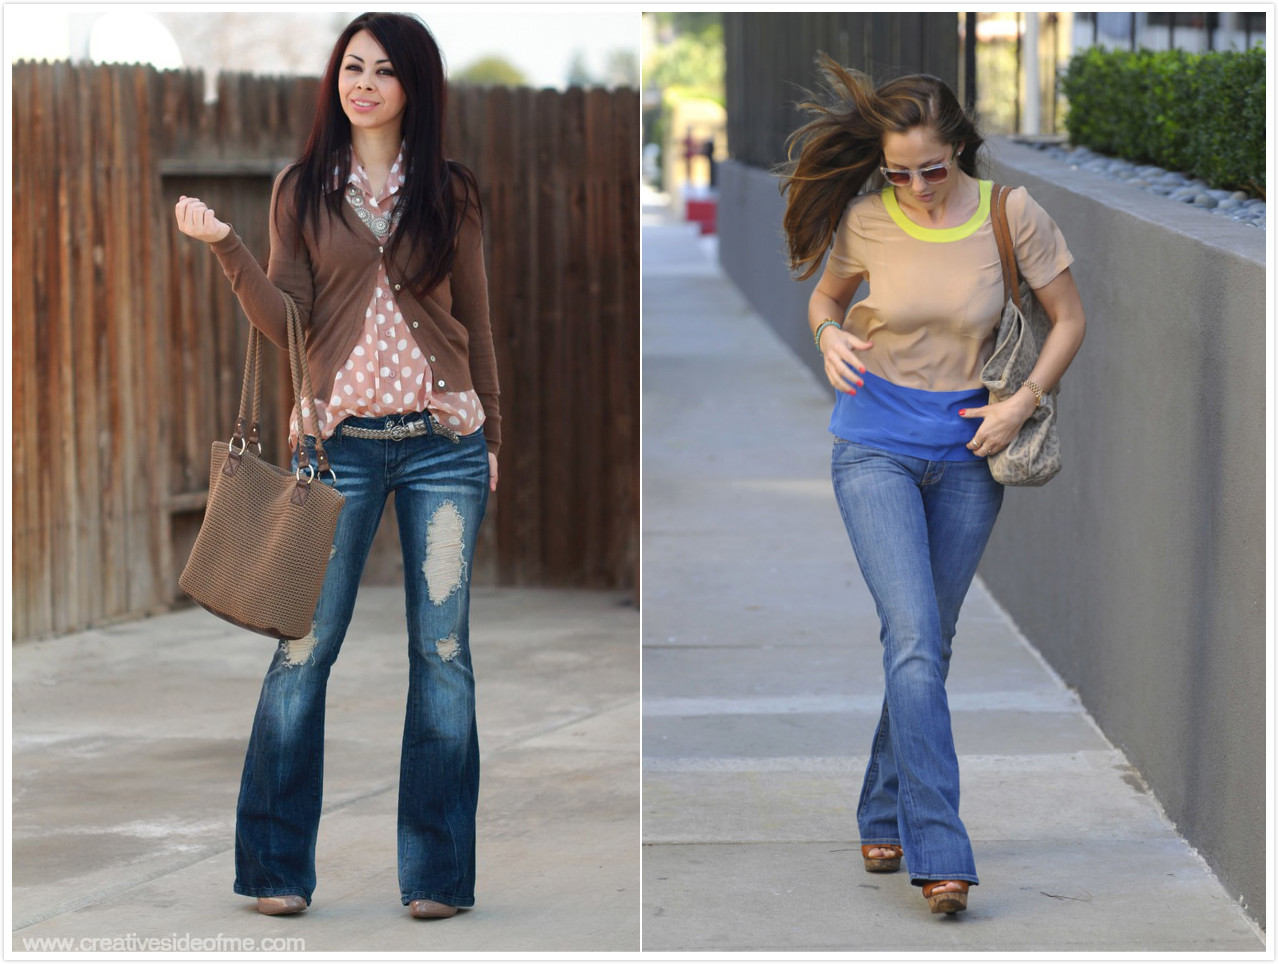 如何挑选适合自己的裤子?